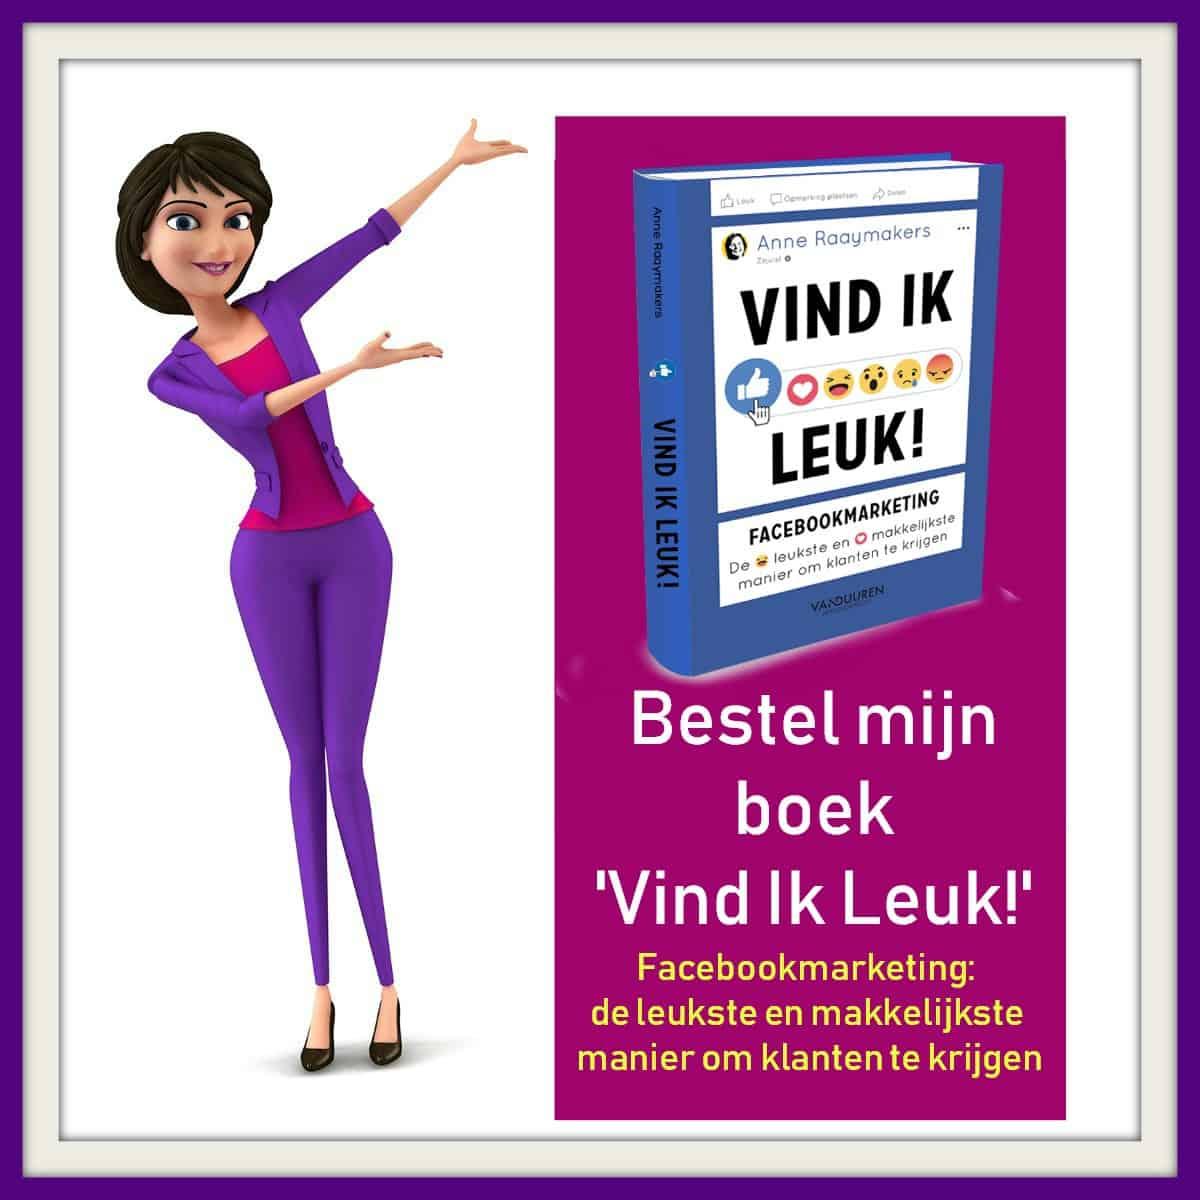 Bestel mijn boek Vind Ik Leuk!